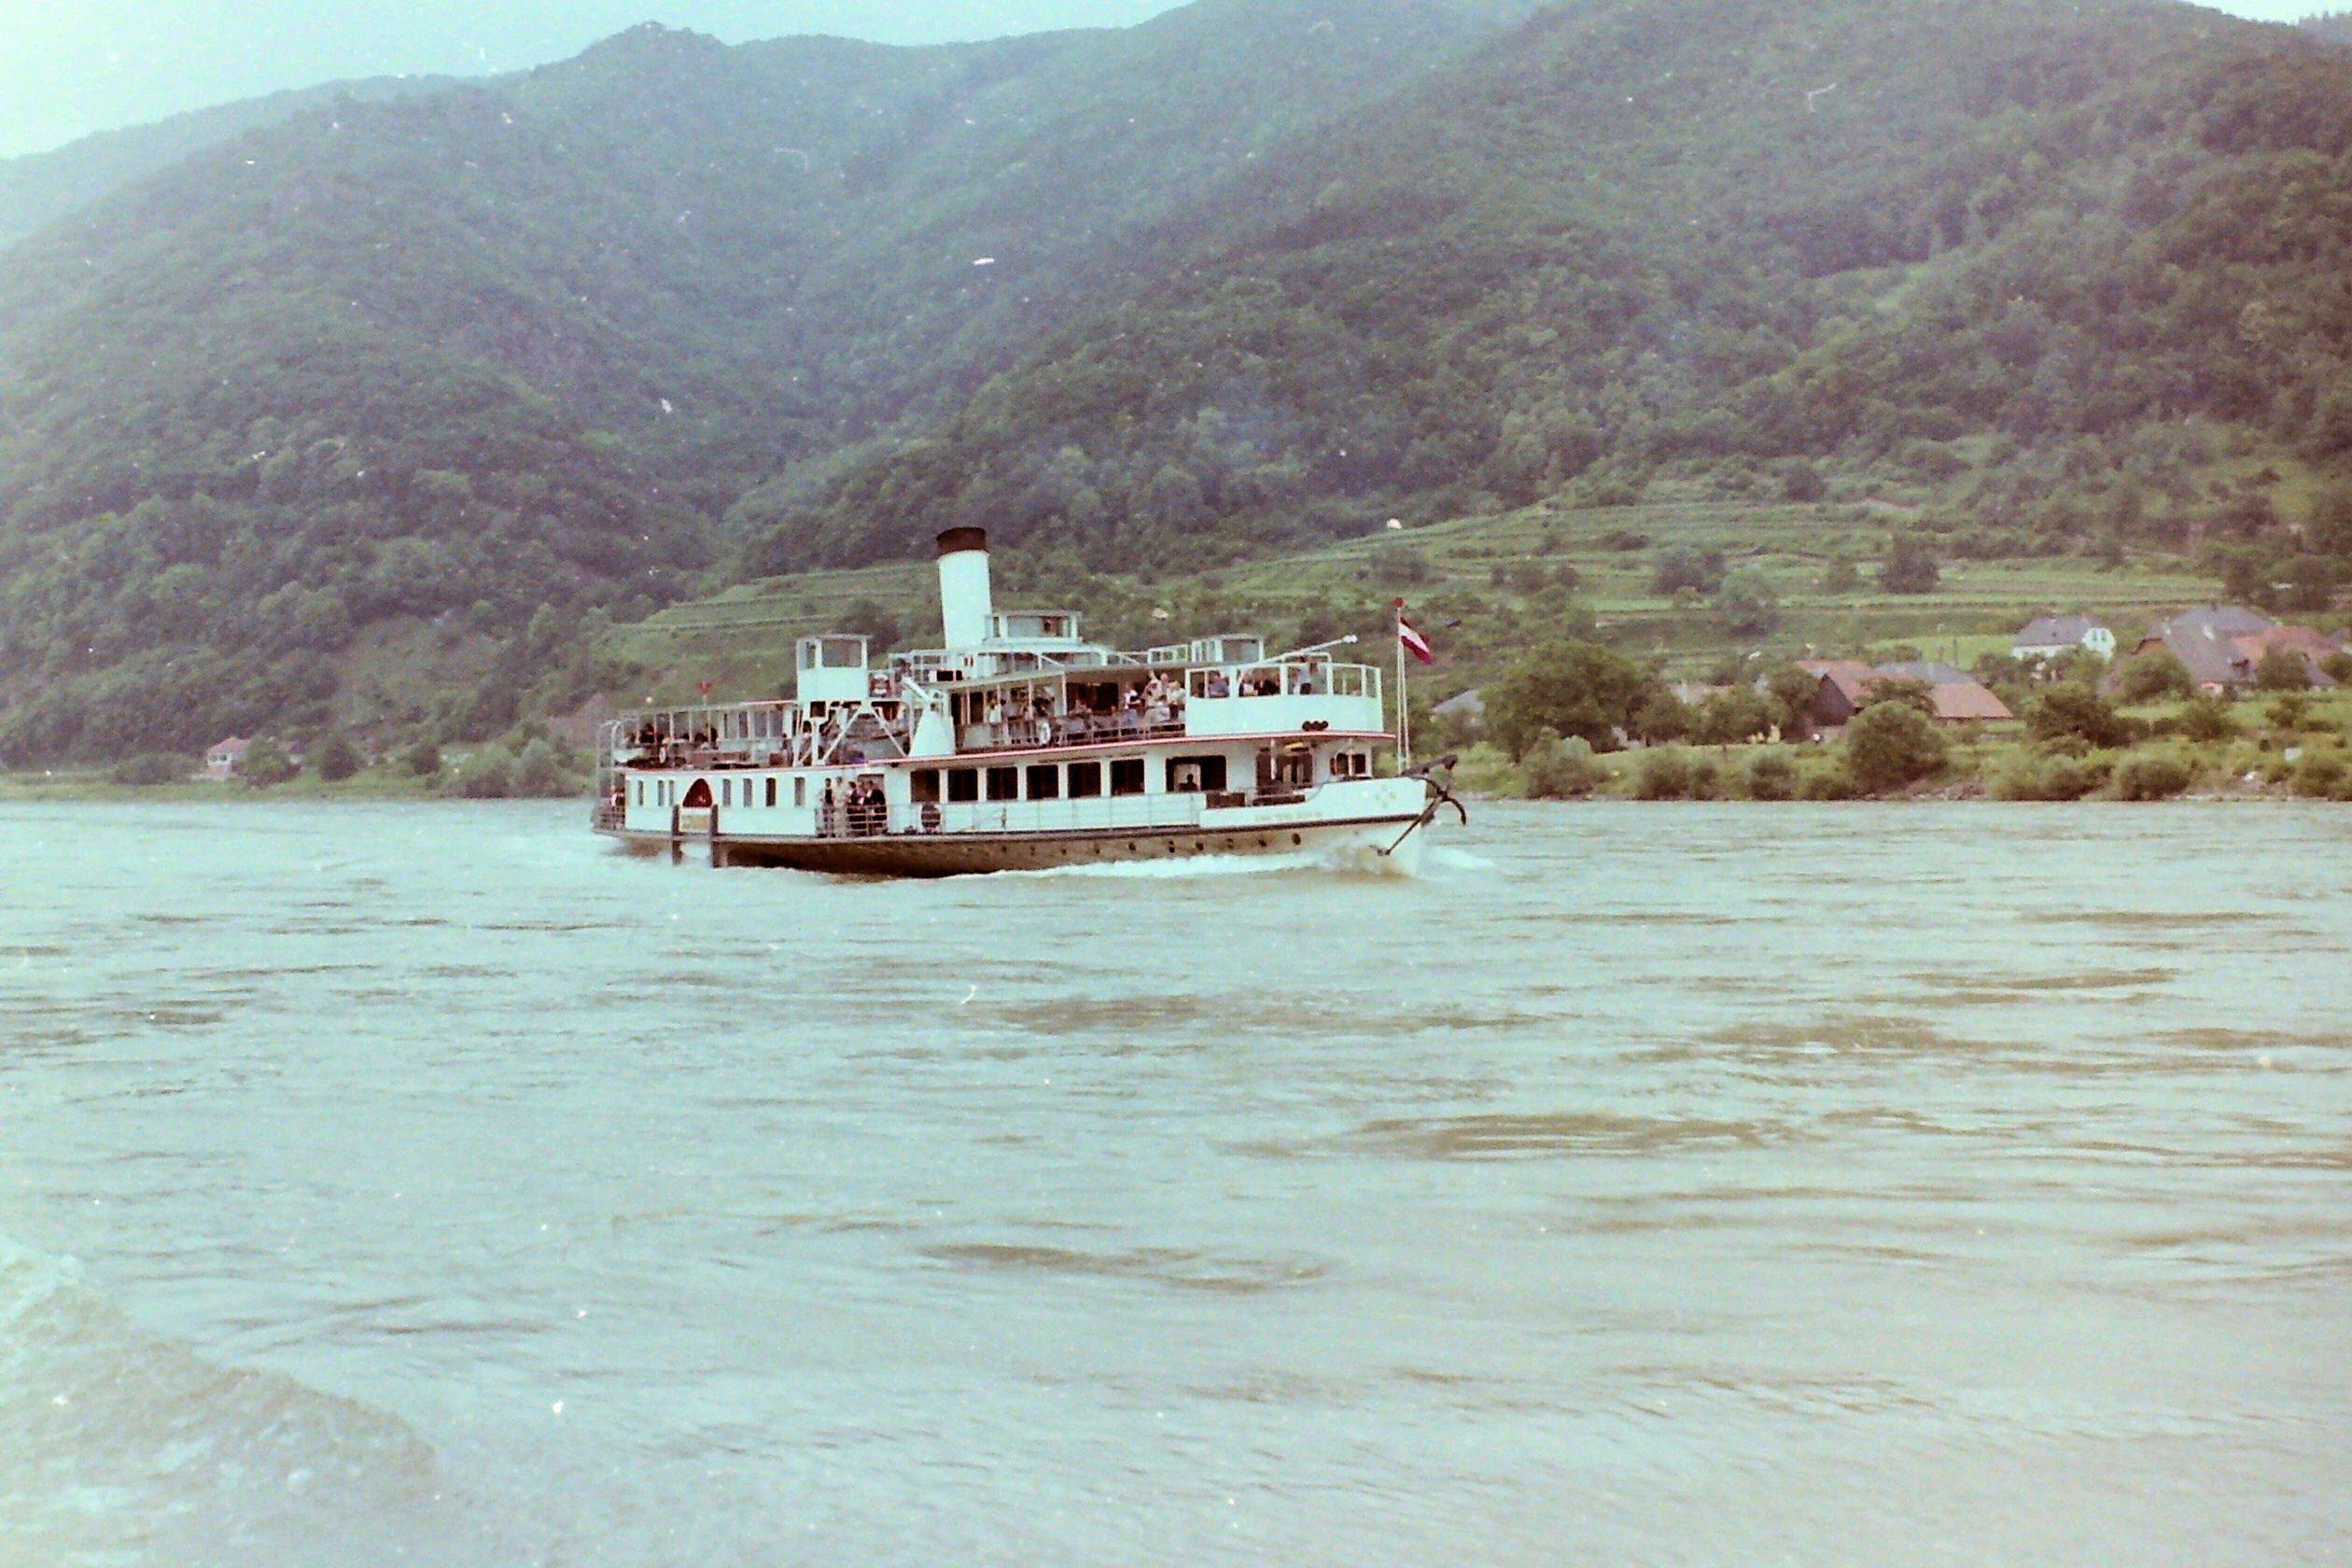 Ein kleines Dampfschiff fährt auf dem Fluss